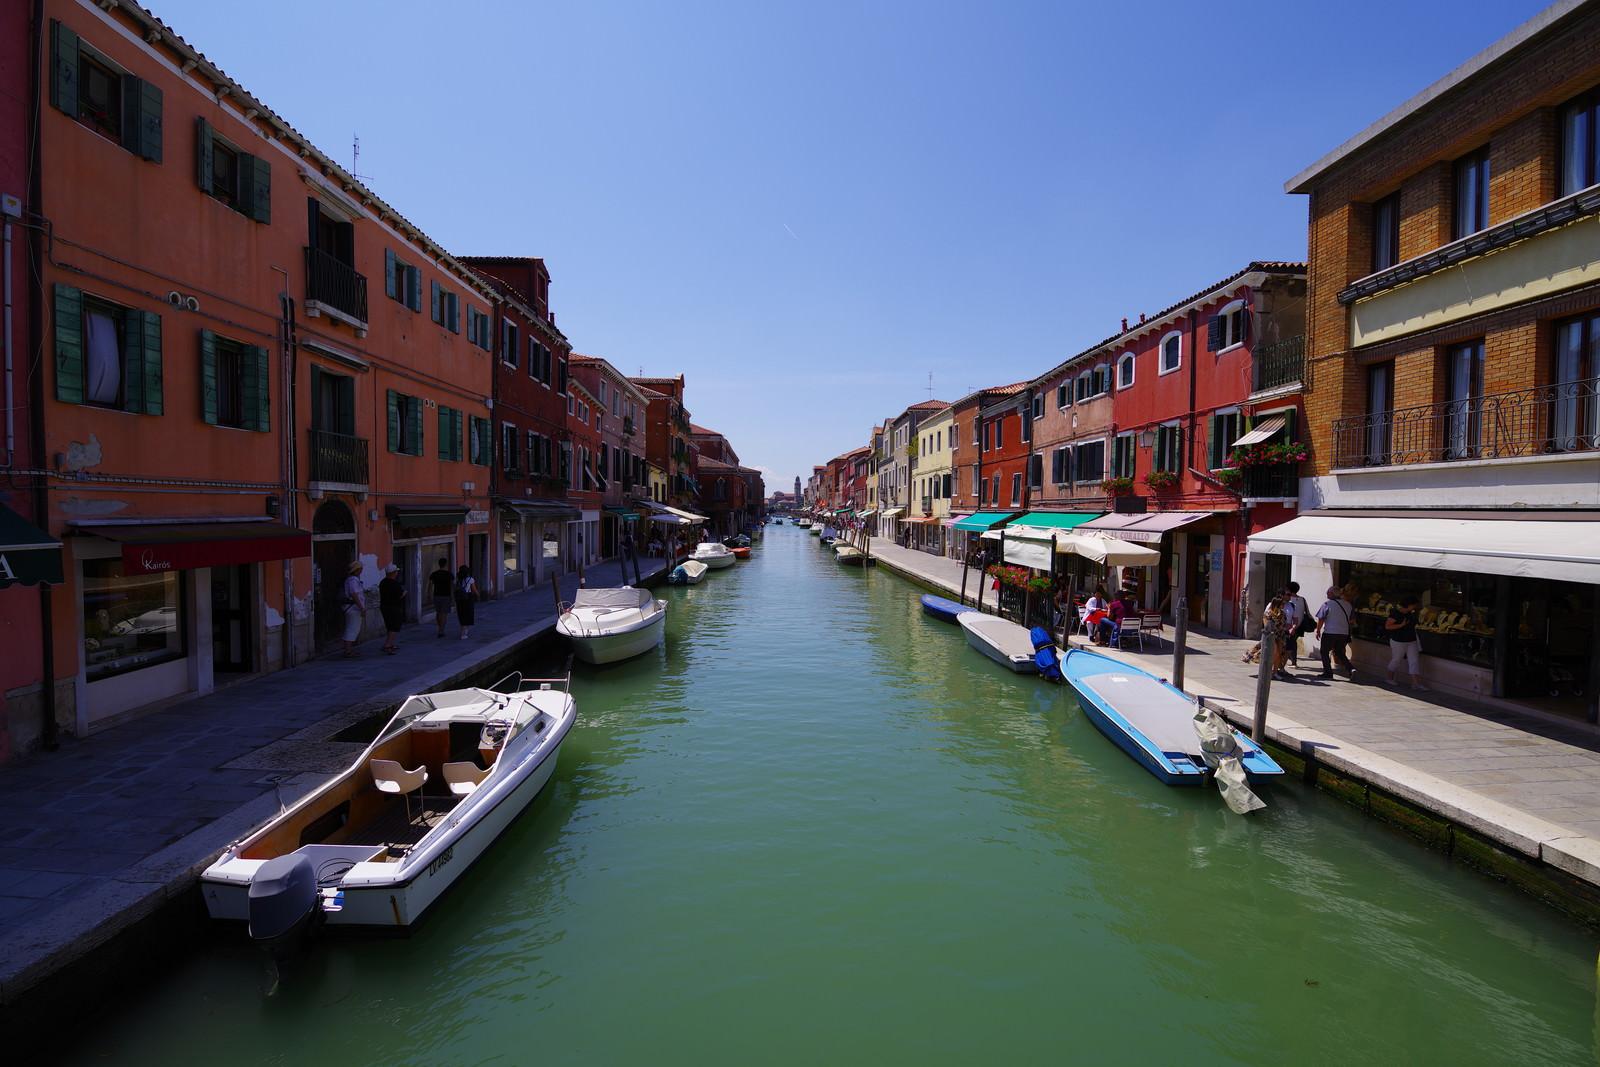 「ブラーノ島の水路と船着き場(イタリア)」の写真